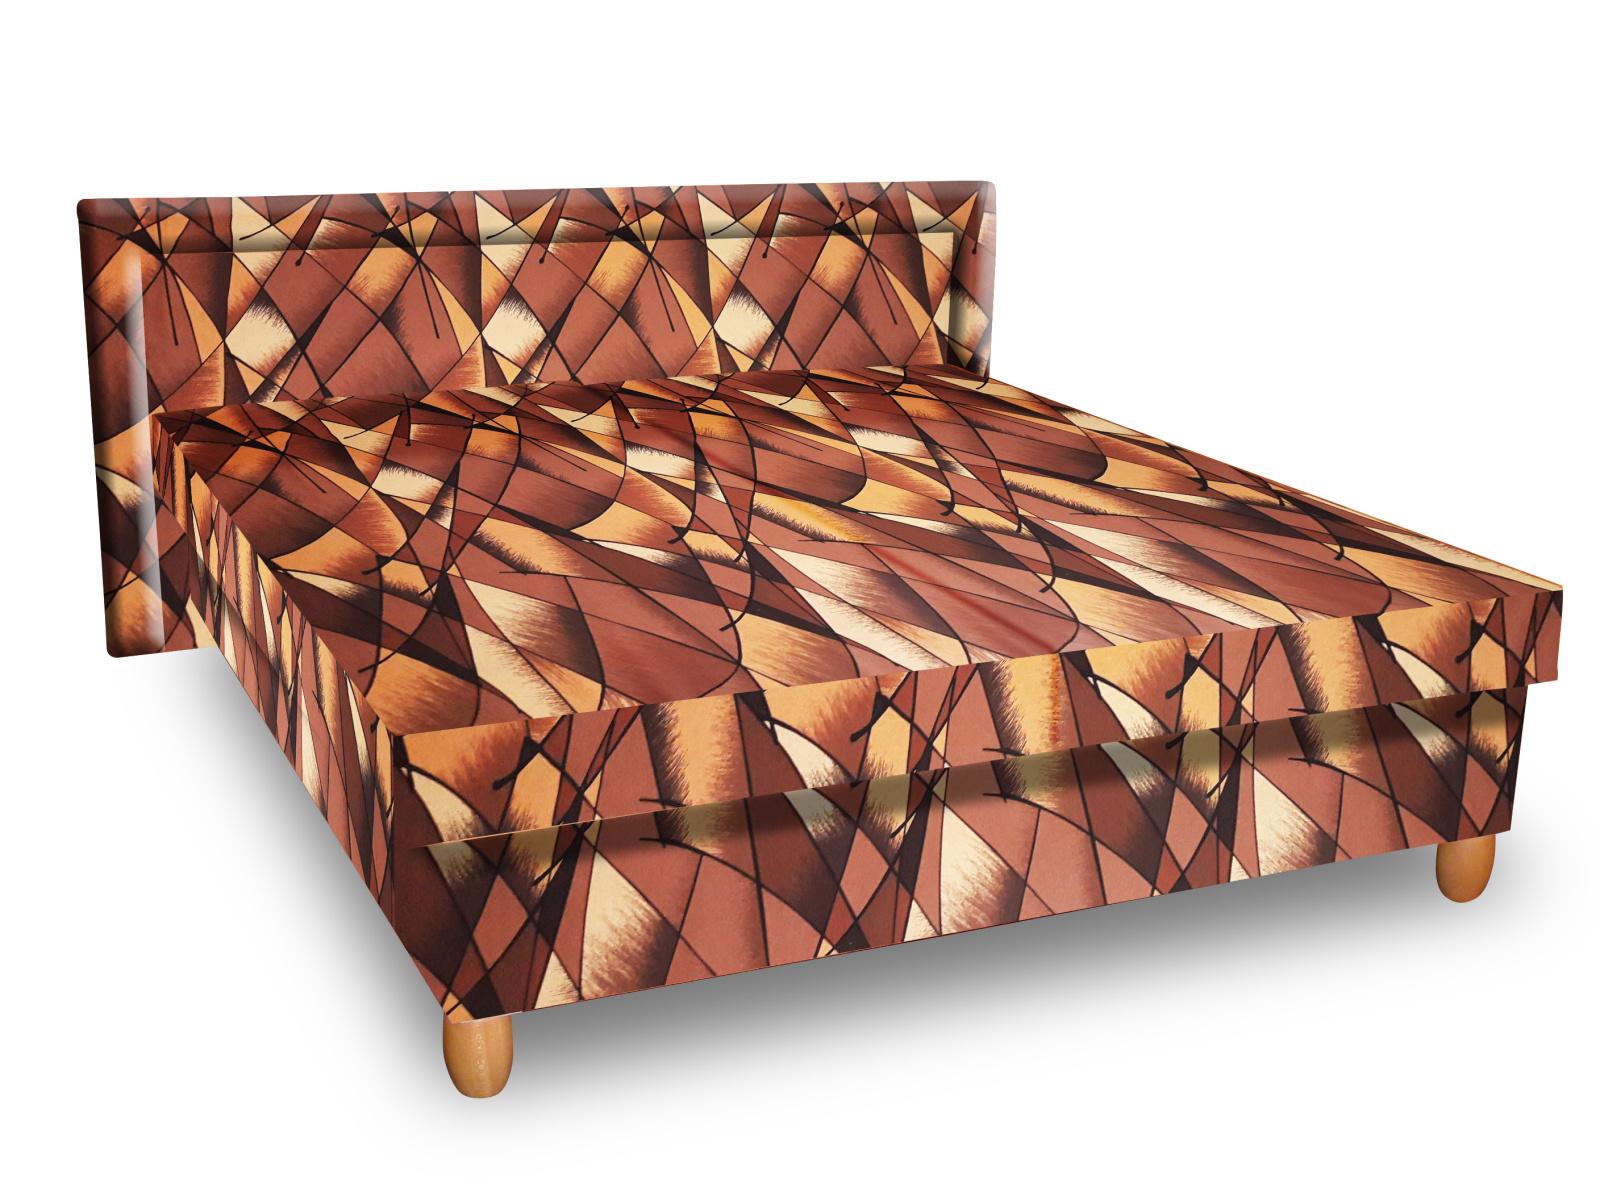 Smartshop Čalouněná postel IVA 180x200 cm, hnědožlutá látka